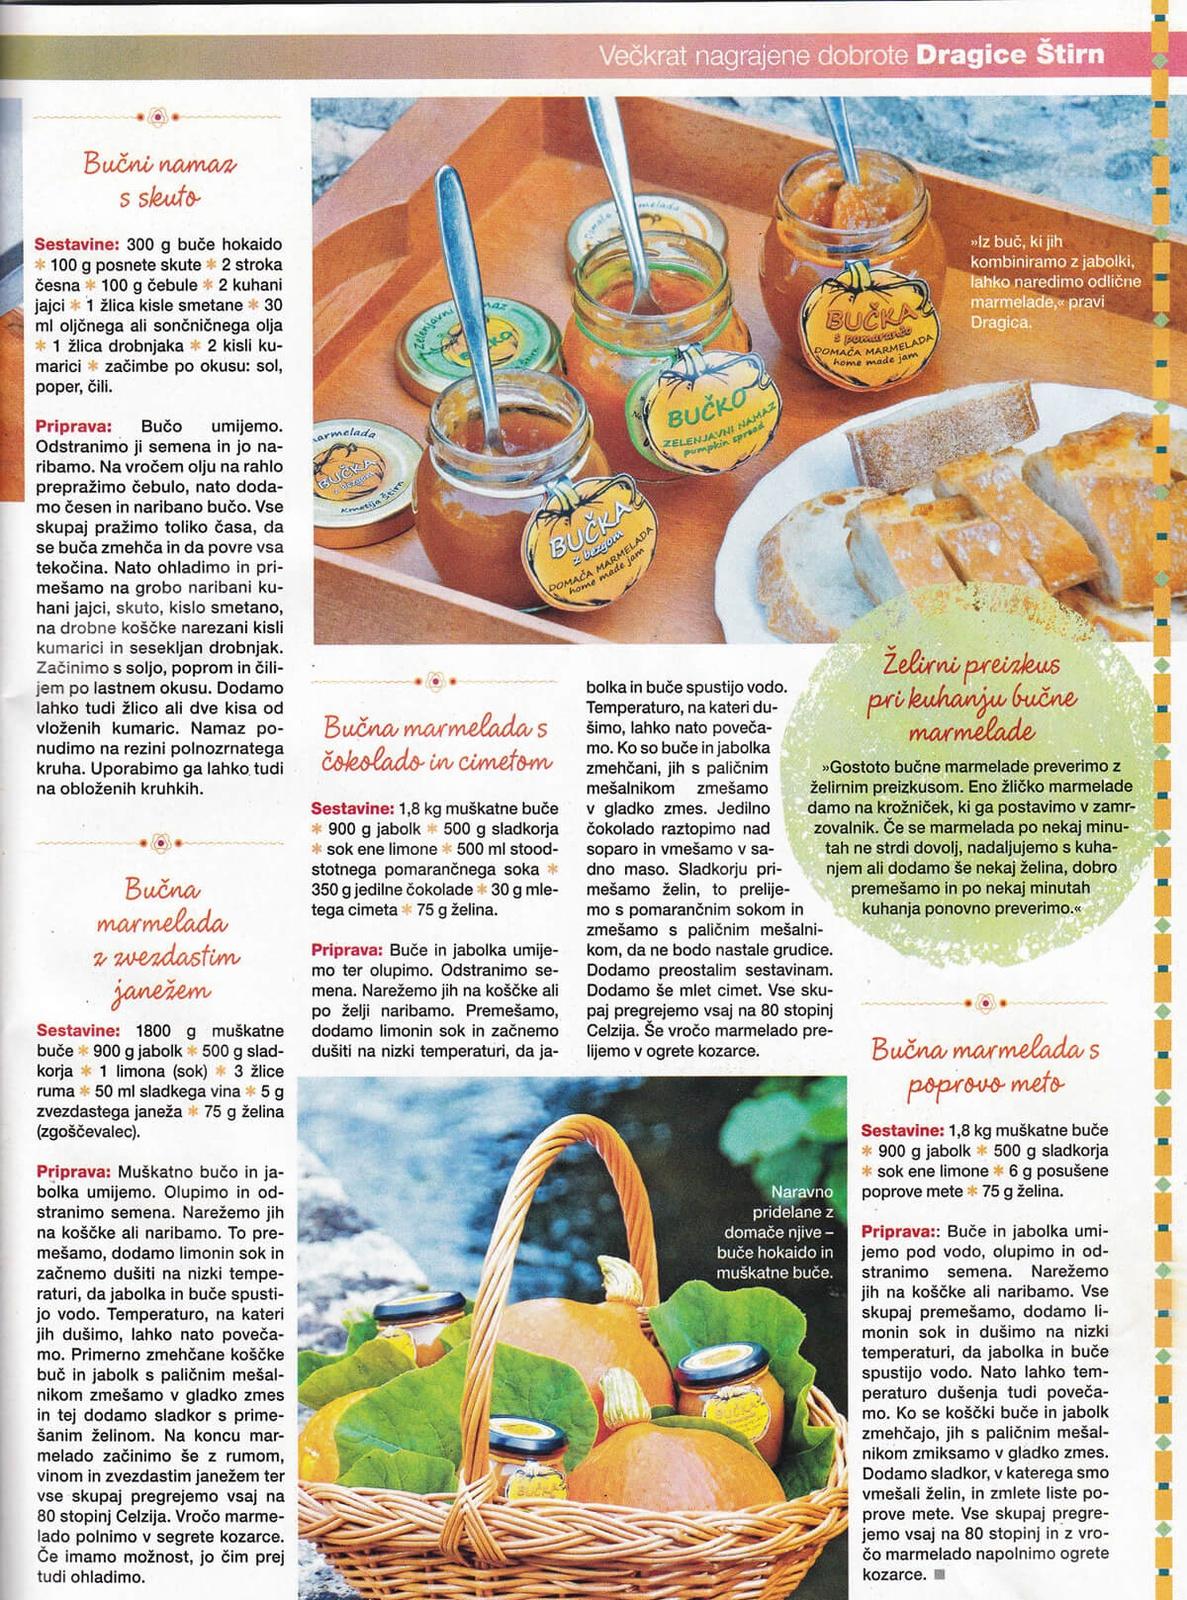 Slastni recepti za bučno juho, zavitke in bučno marmelado